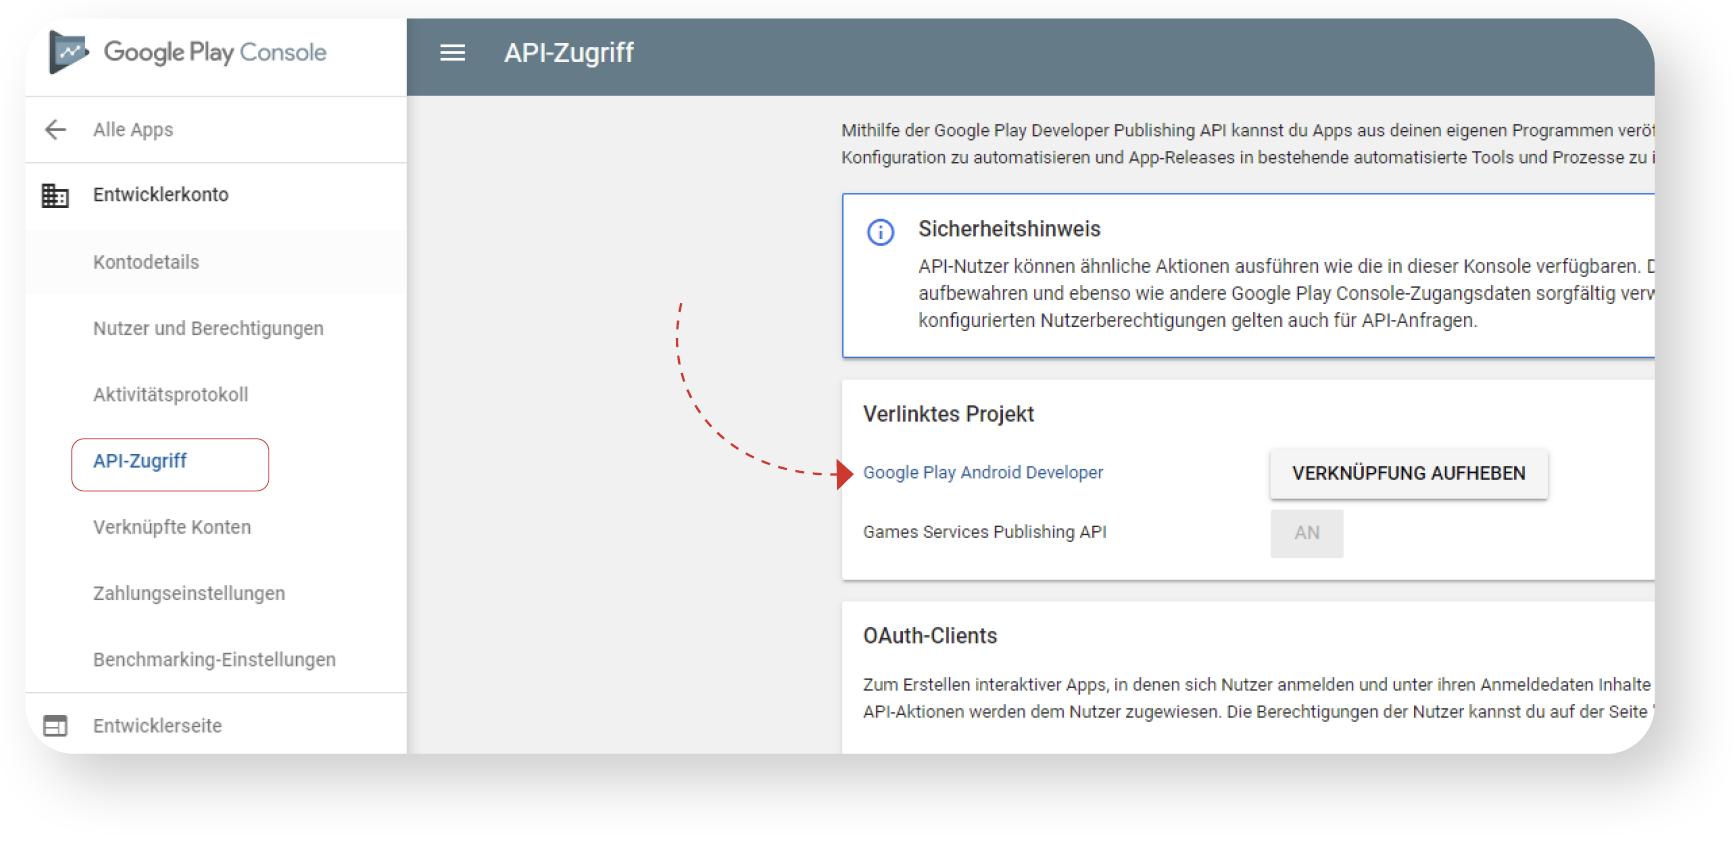 API-Zugriff